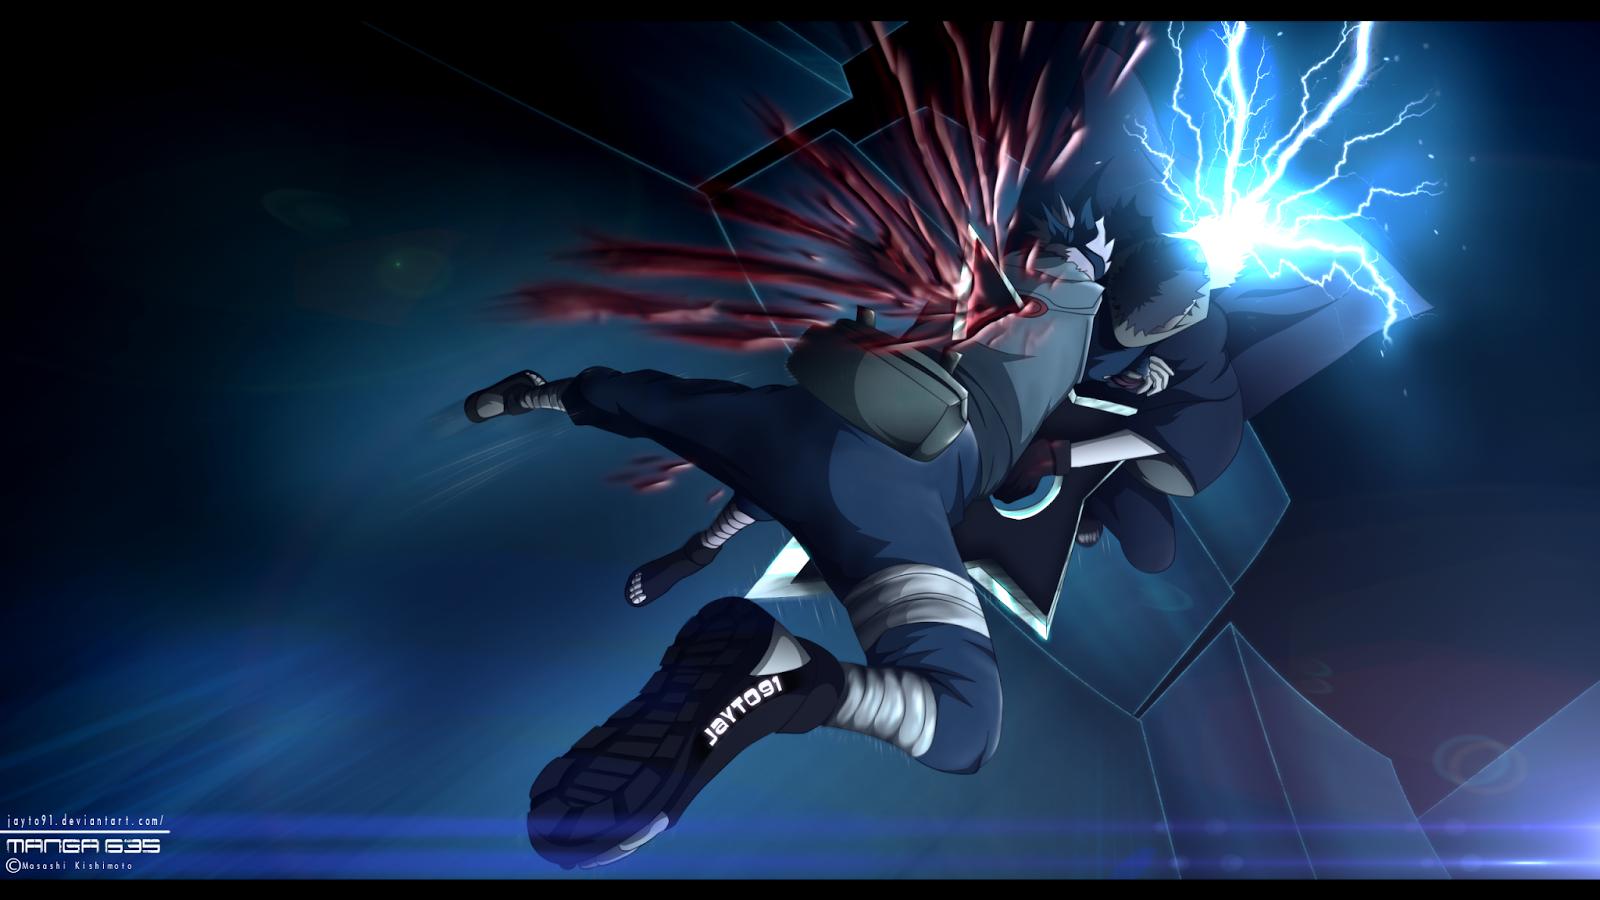 Kakashi Raikiri Blood Lightning Fighting Anime HD Wallpaper 1600x900